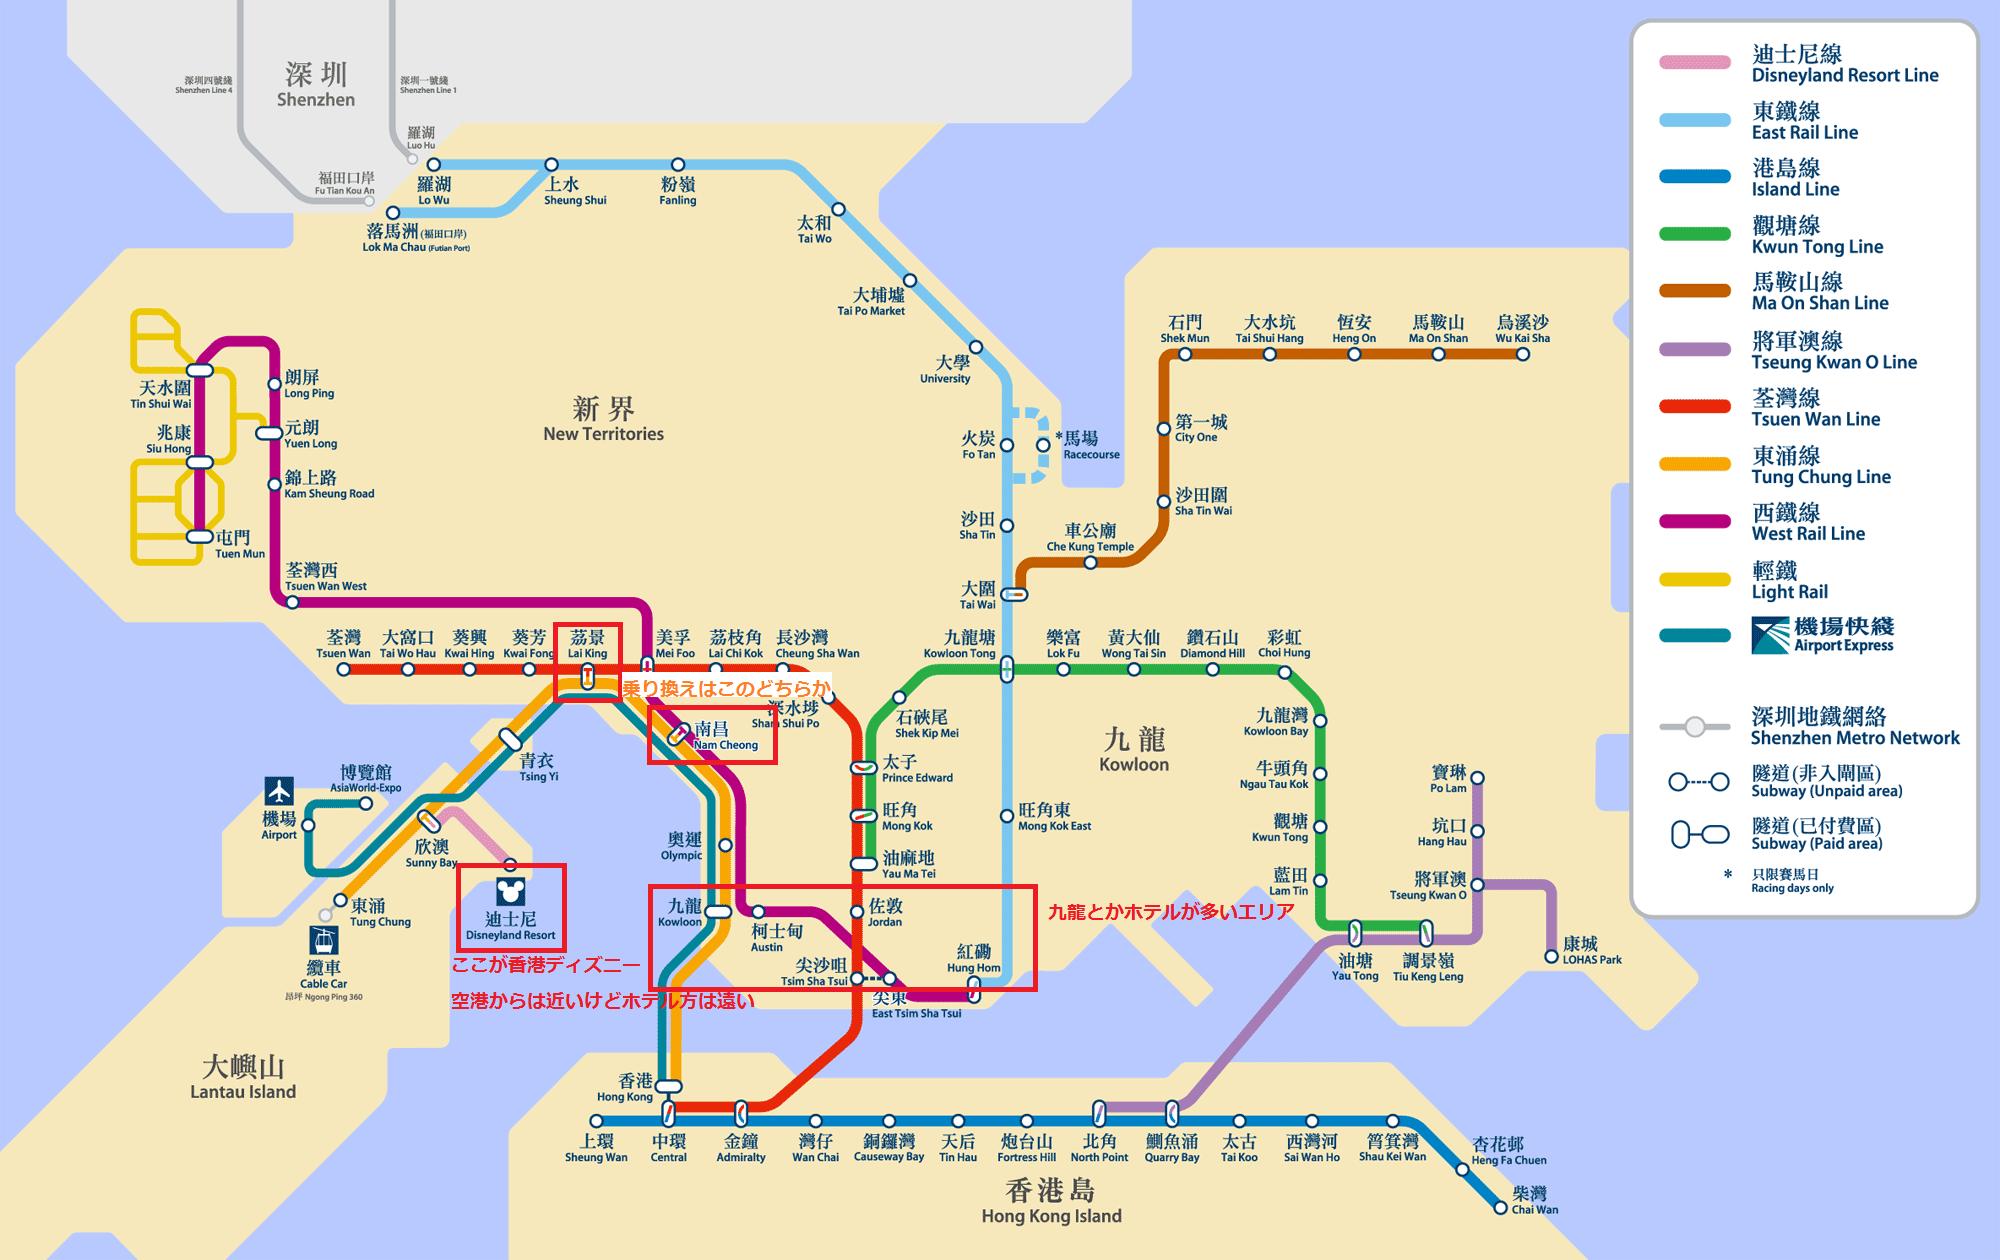 九龍(カオルーン)付近のホテルから香港ディズニーランドへ電車で行って